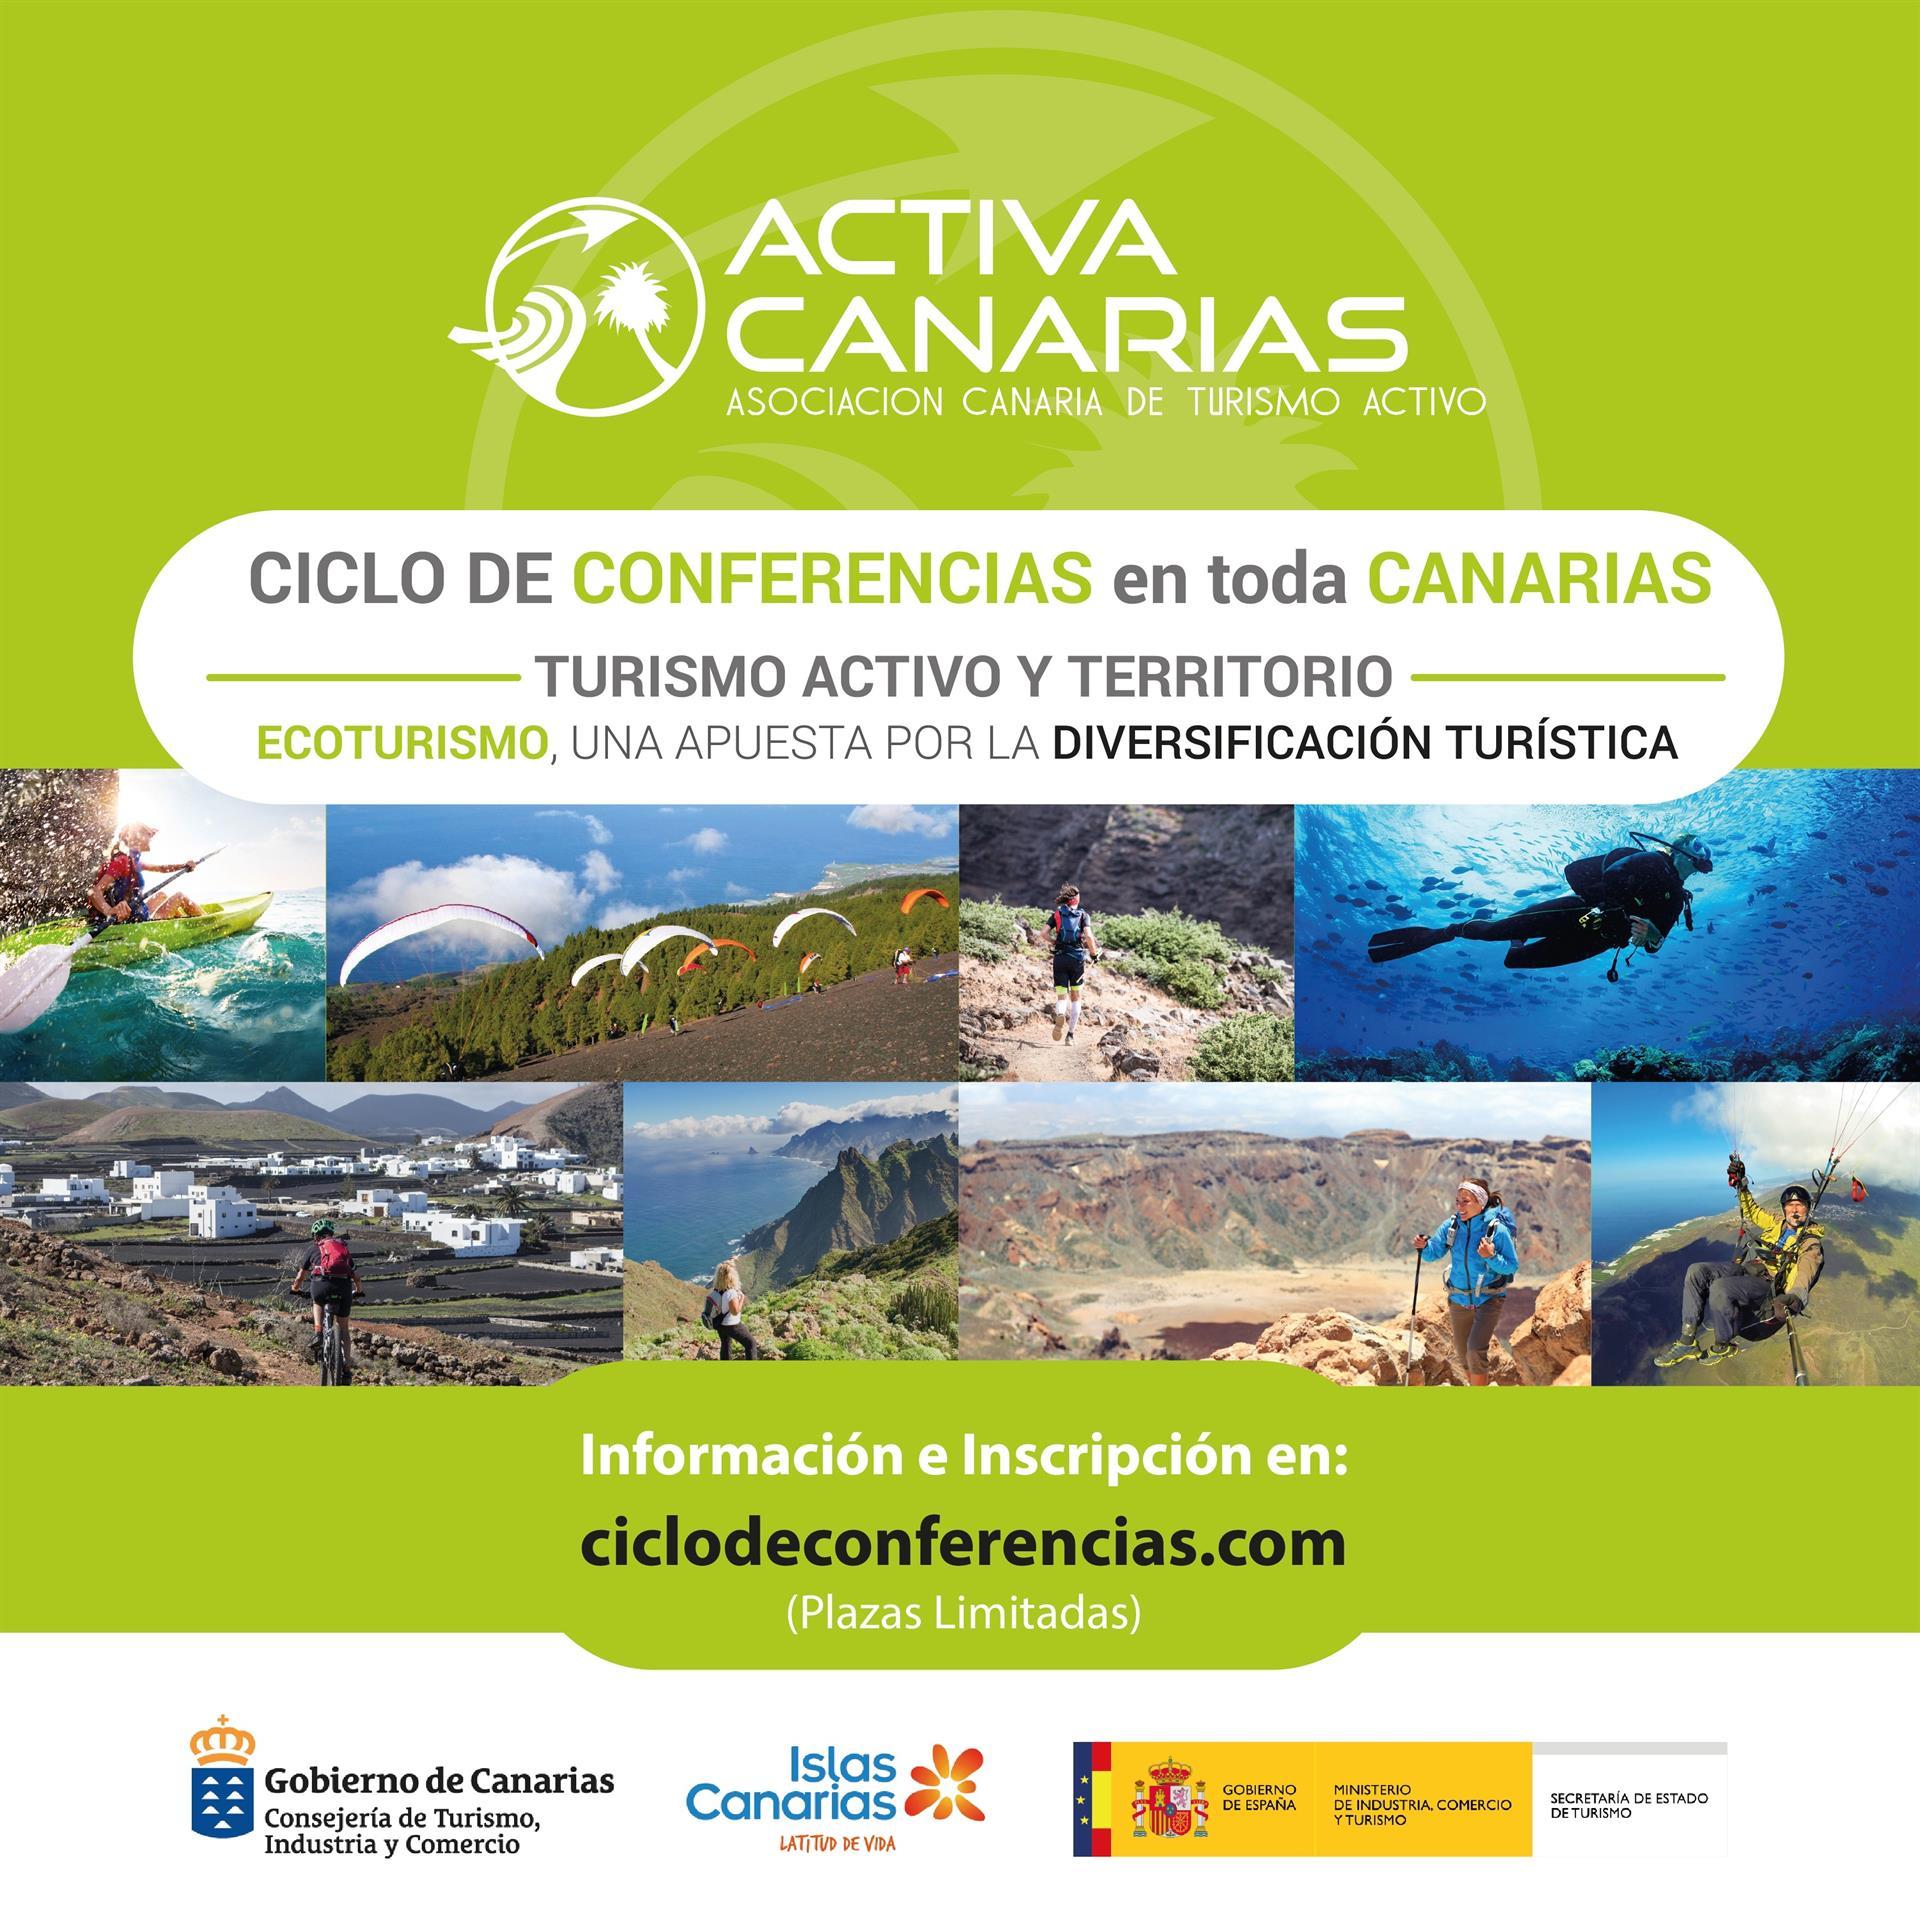 Imagen Ciclo Conferencias Activa Canarias. CEDIDA